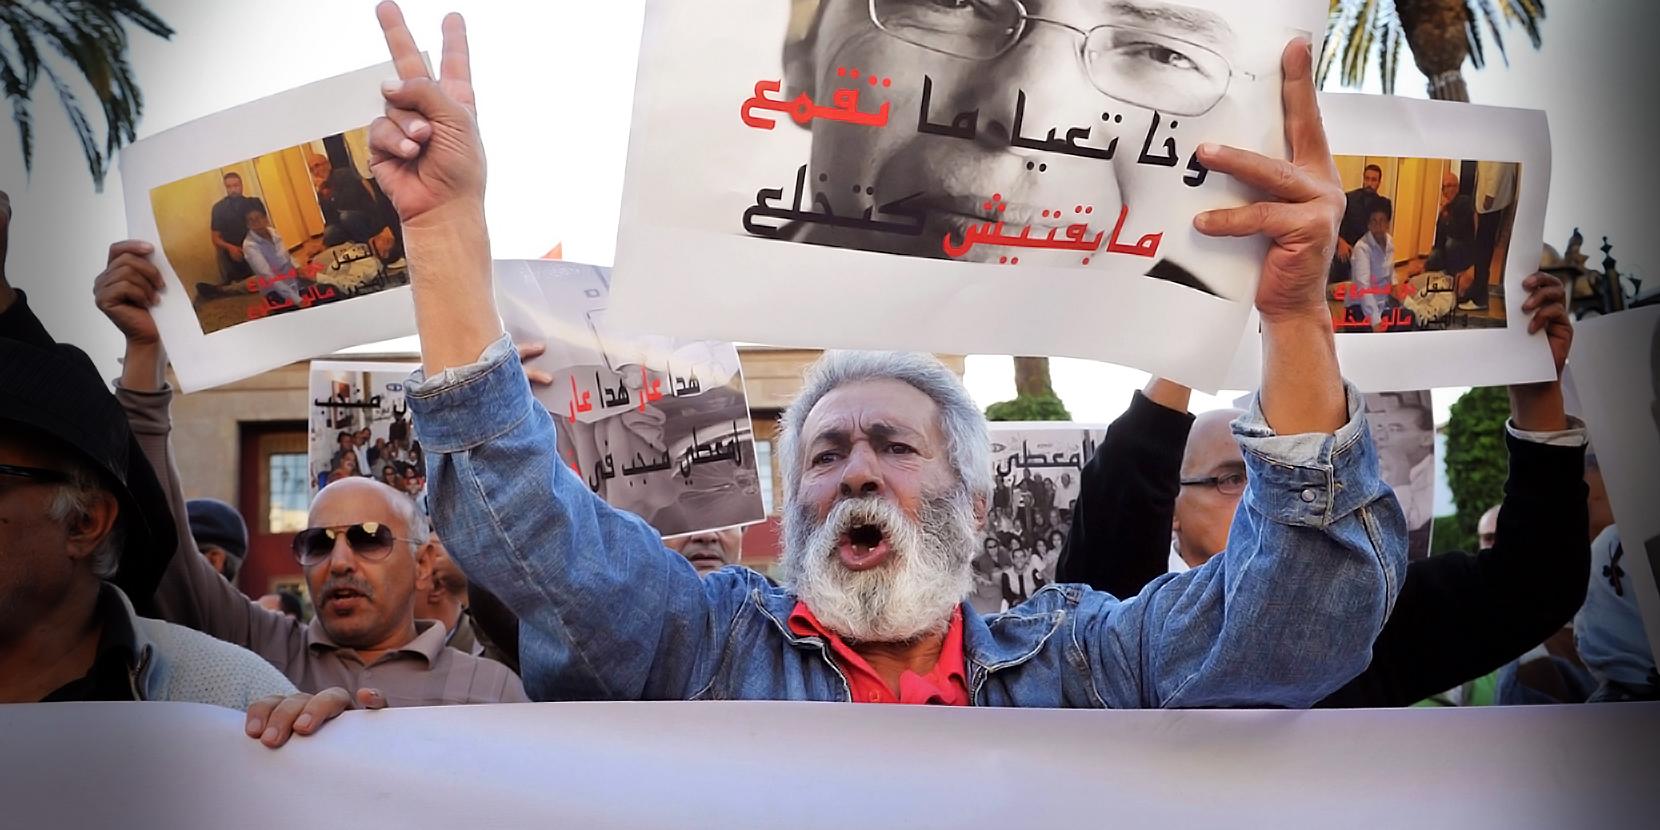 Manifestation de soutien aux inculpés, dont l'historien Maâti Monjib